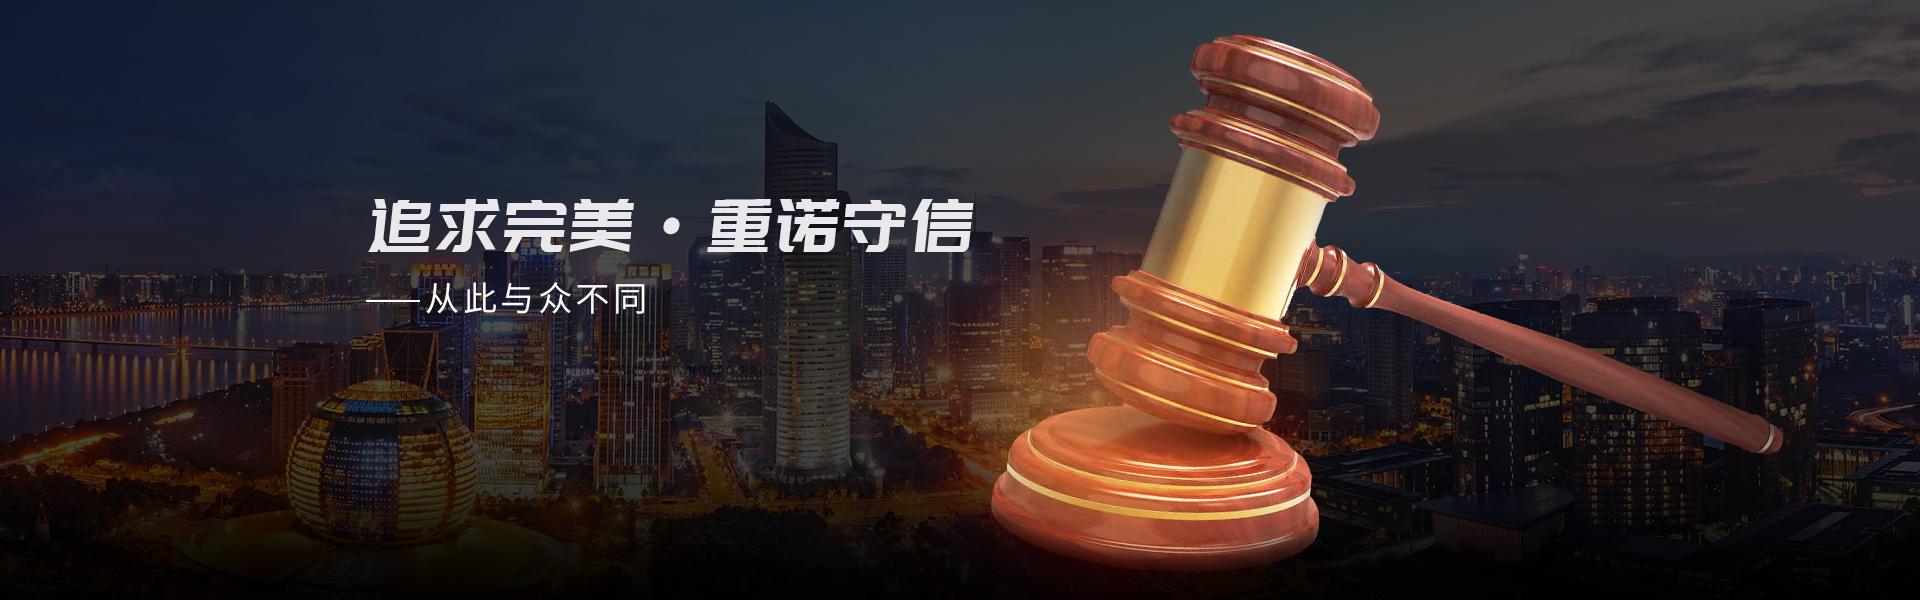 广东数控车床